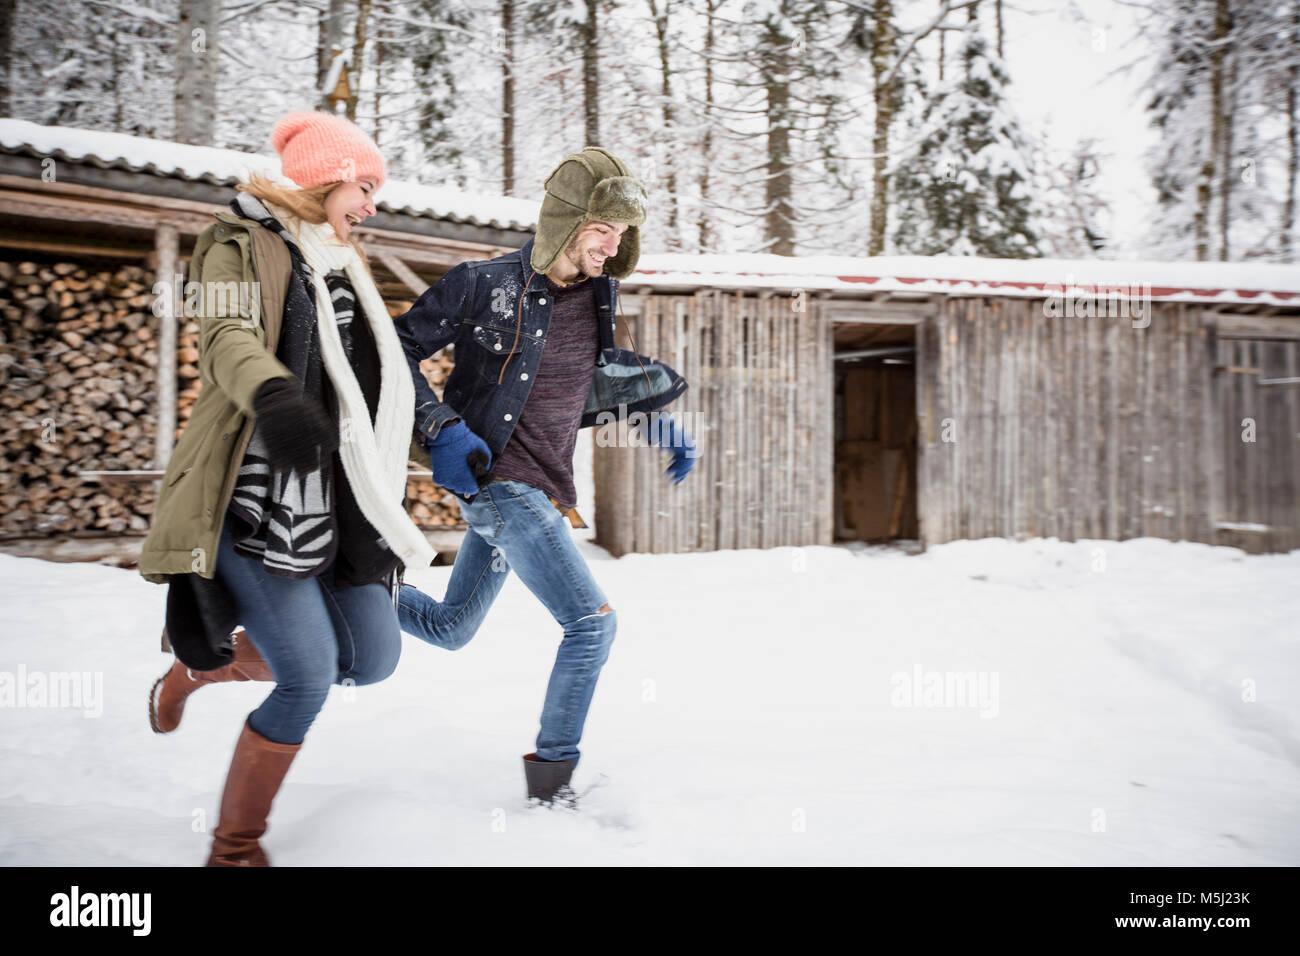 Glückliches Paar läuft vor der Holzstapel im Winter Stockbild